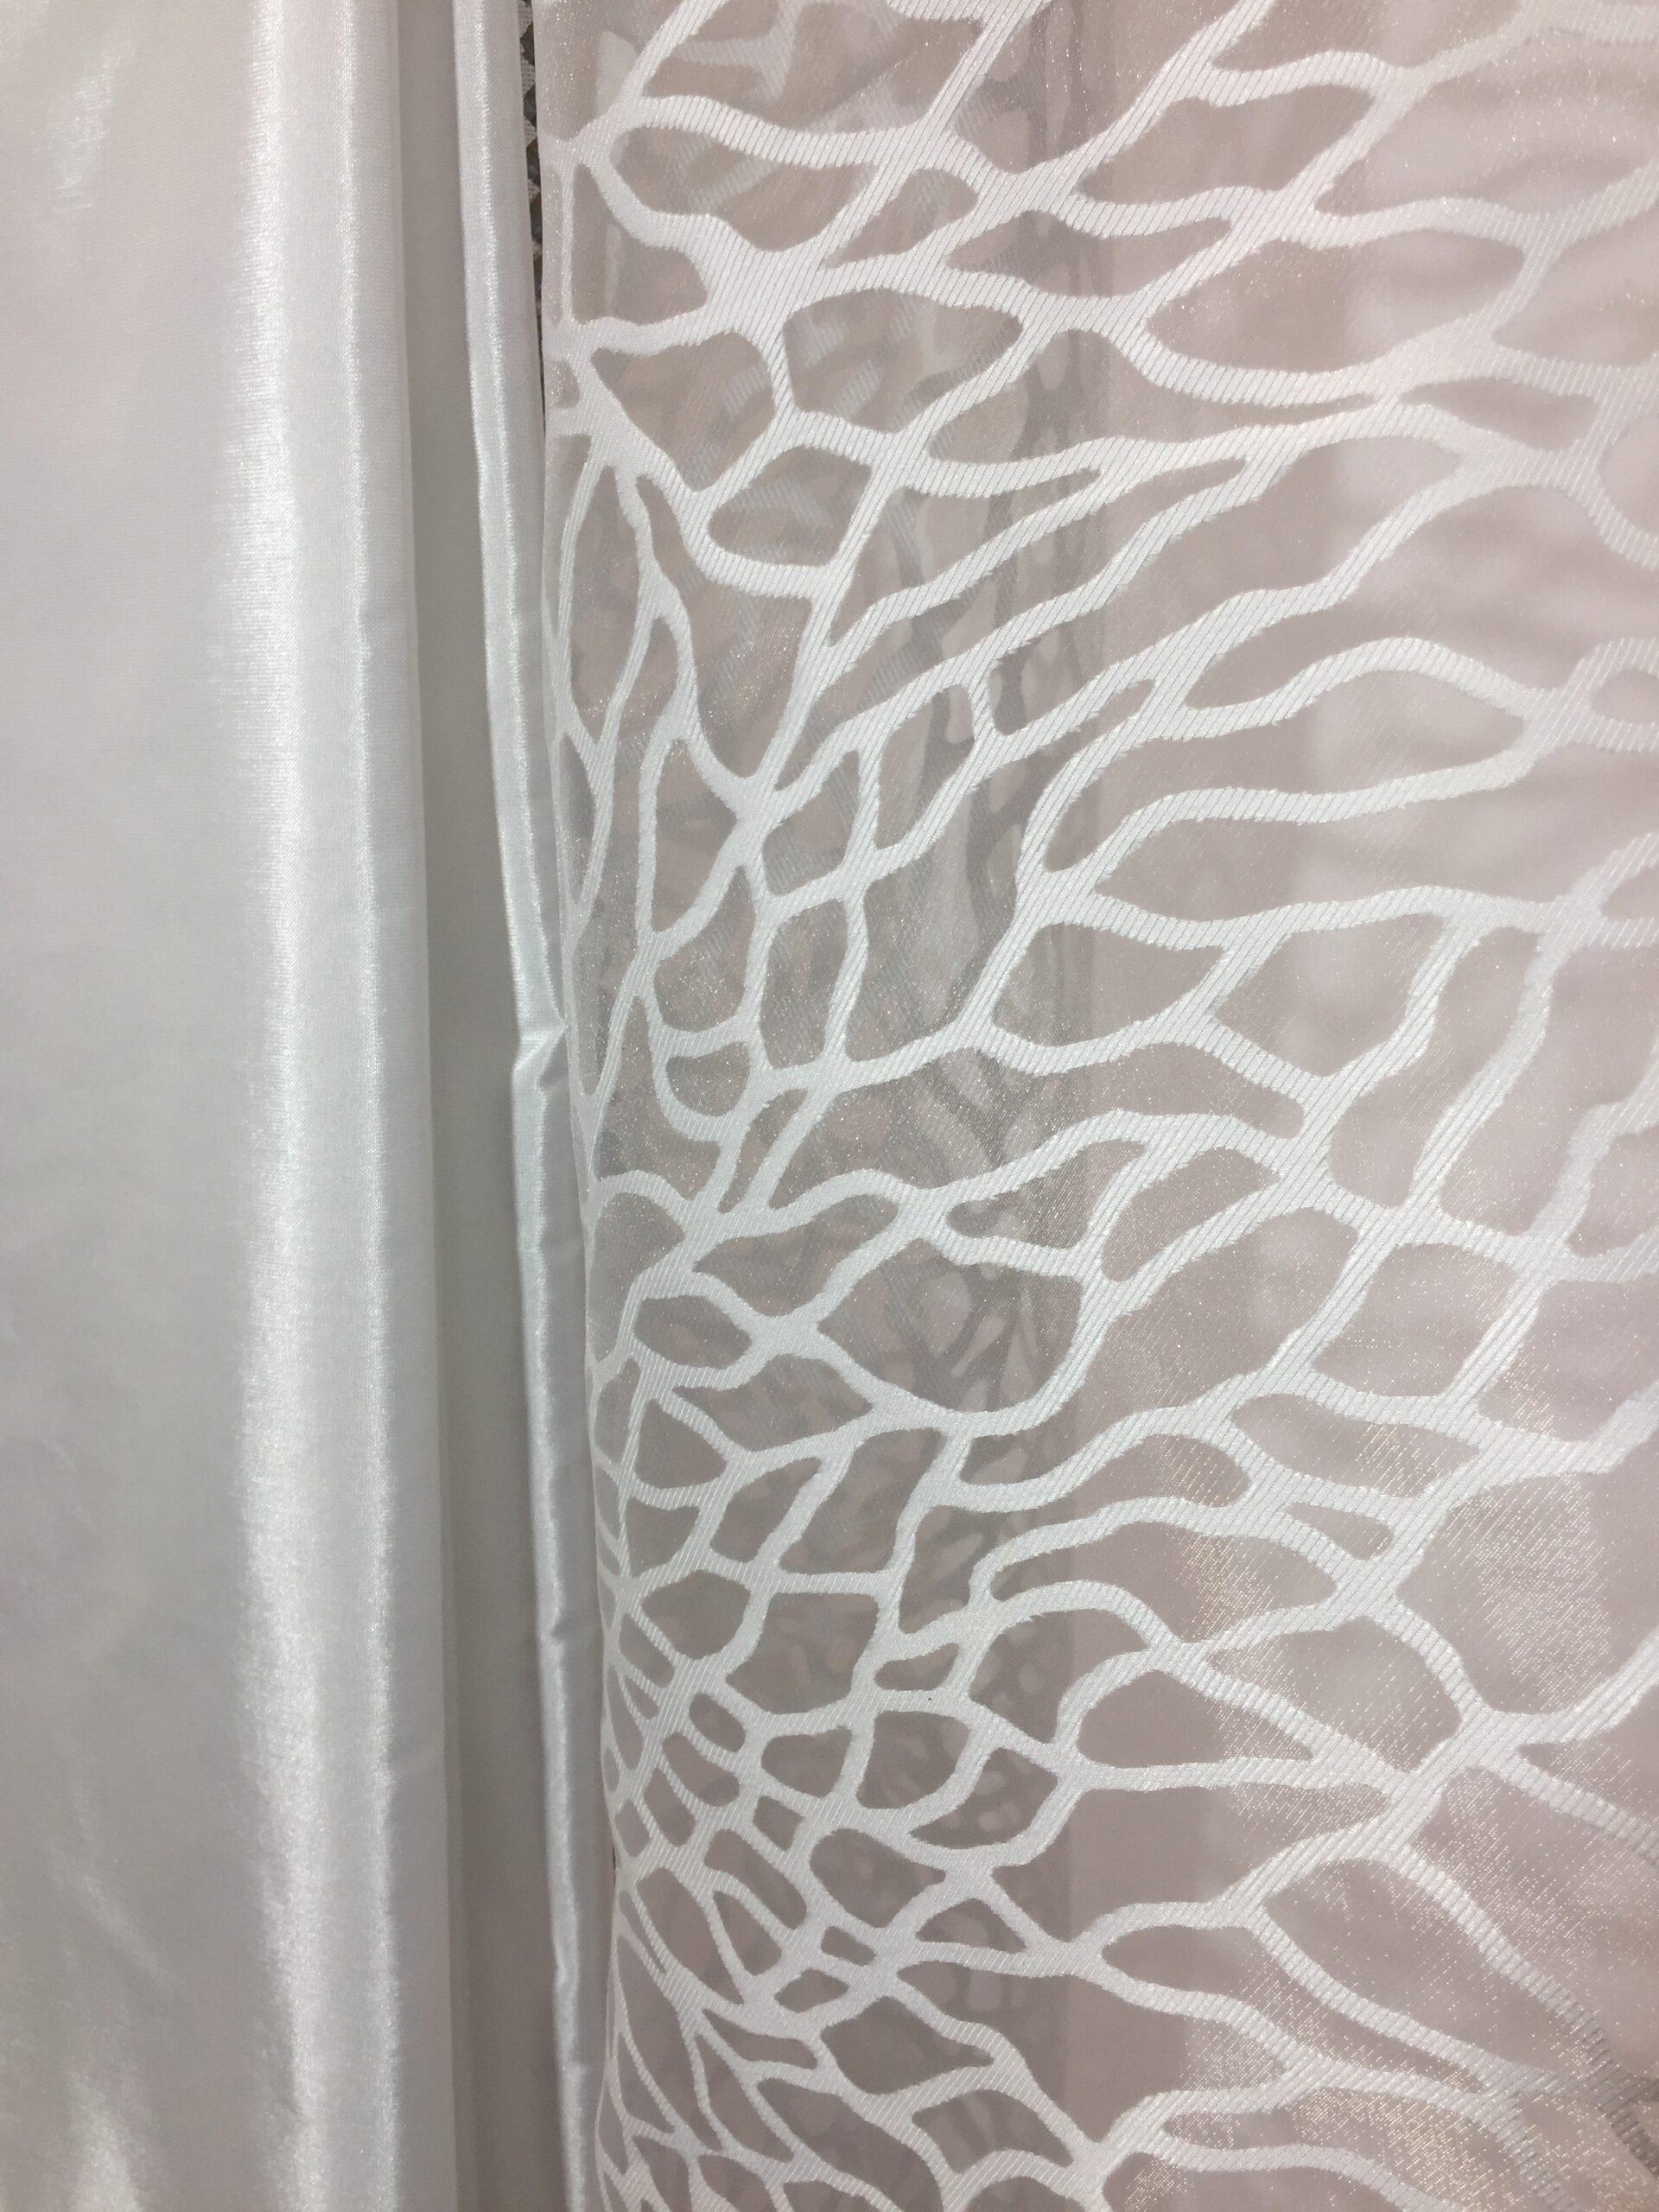 Full Size of Gardinen Modern Traum Vorhang Taft Plana Farbe Wei Auf Ma Tapete Küche Für Schlafzimmer Wohnzimmer Die Moderne Esstische Modernes Bett Holz Fenster 180x200 Wohnzimmer Gardinen Modern